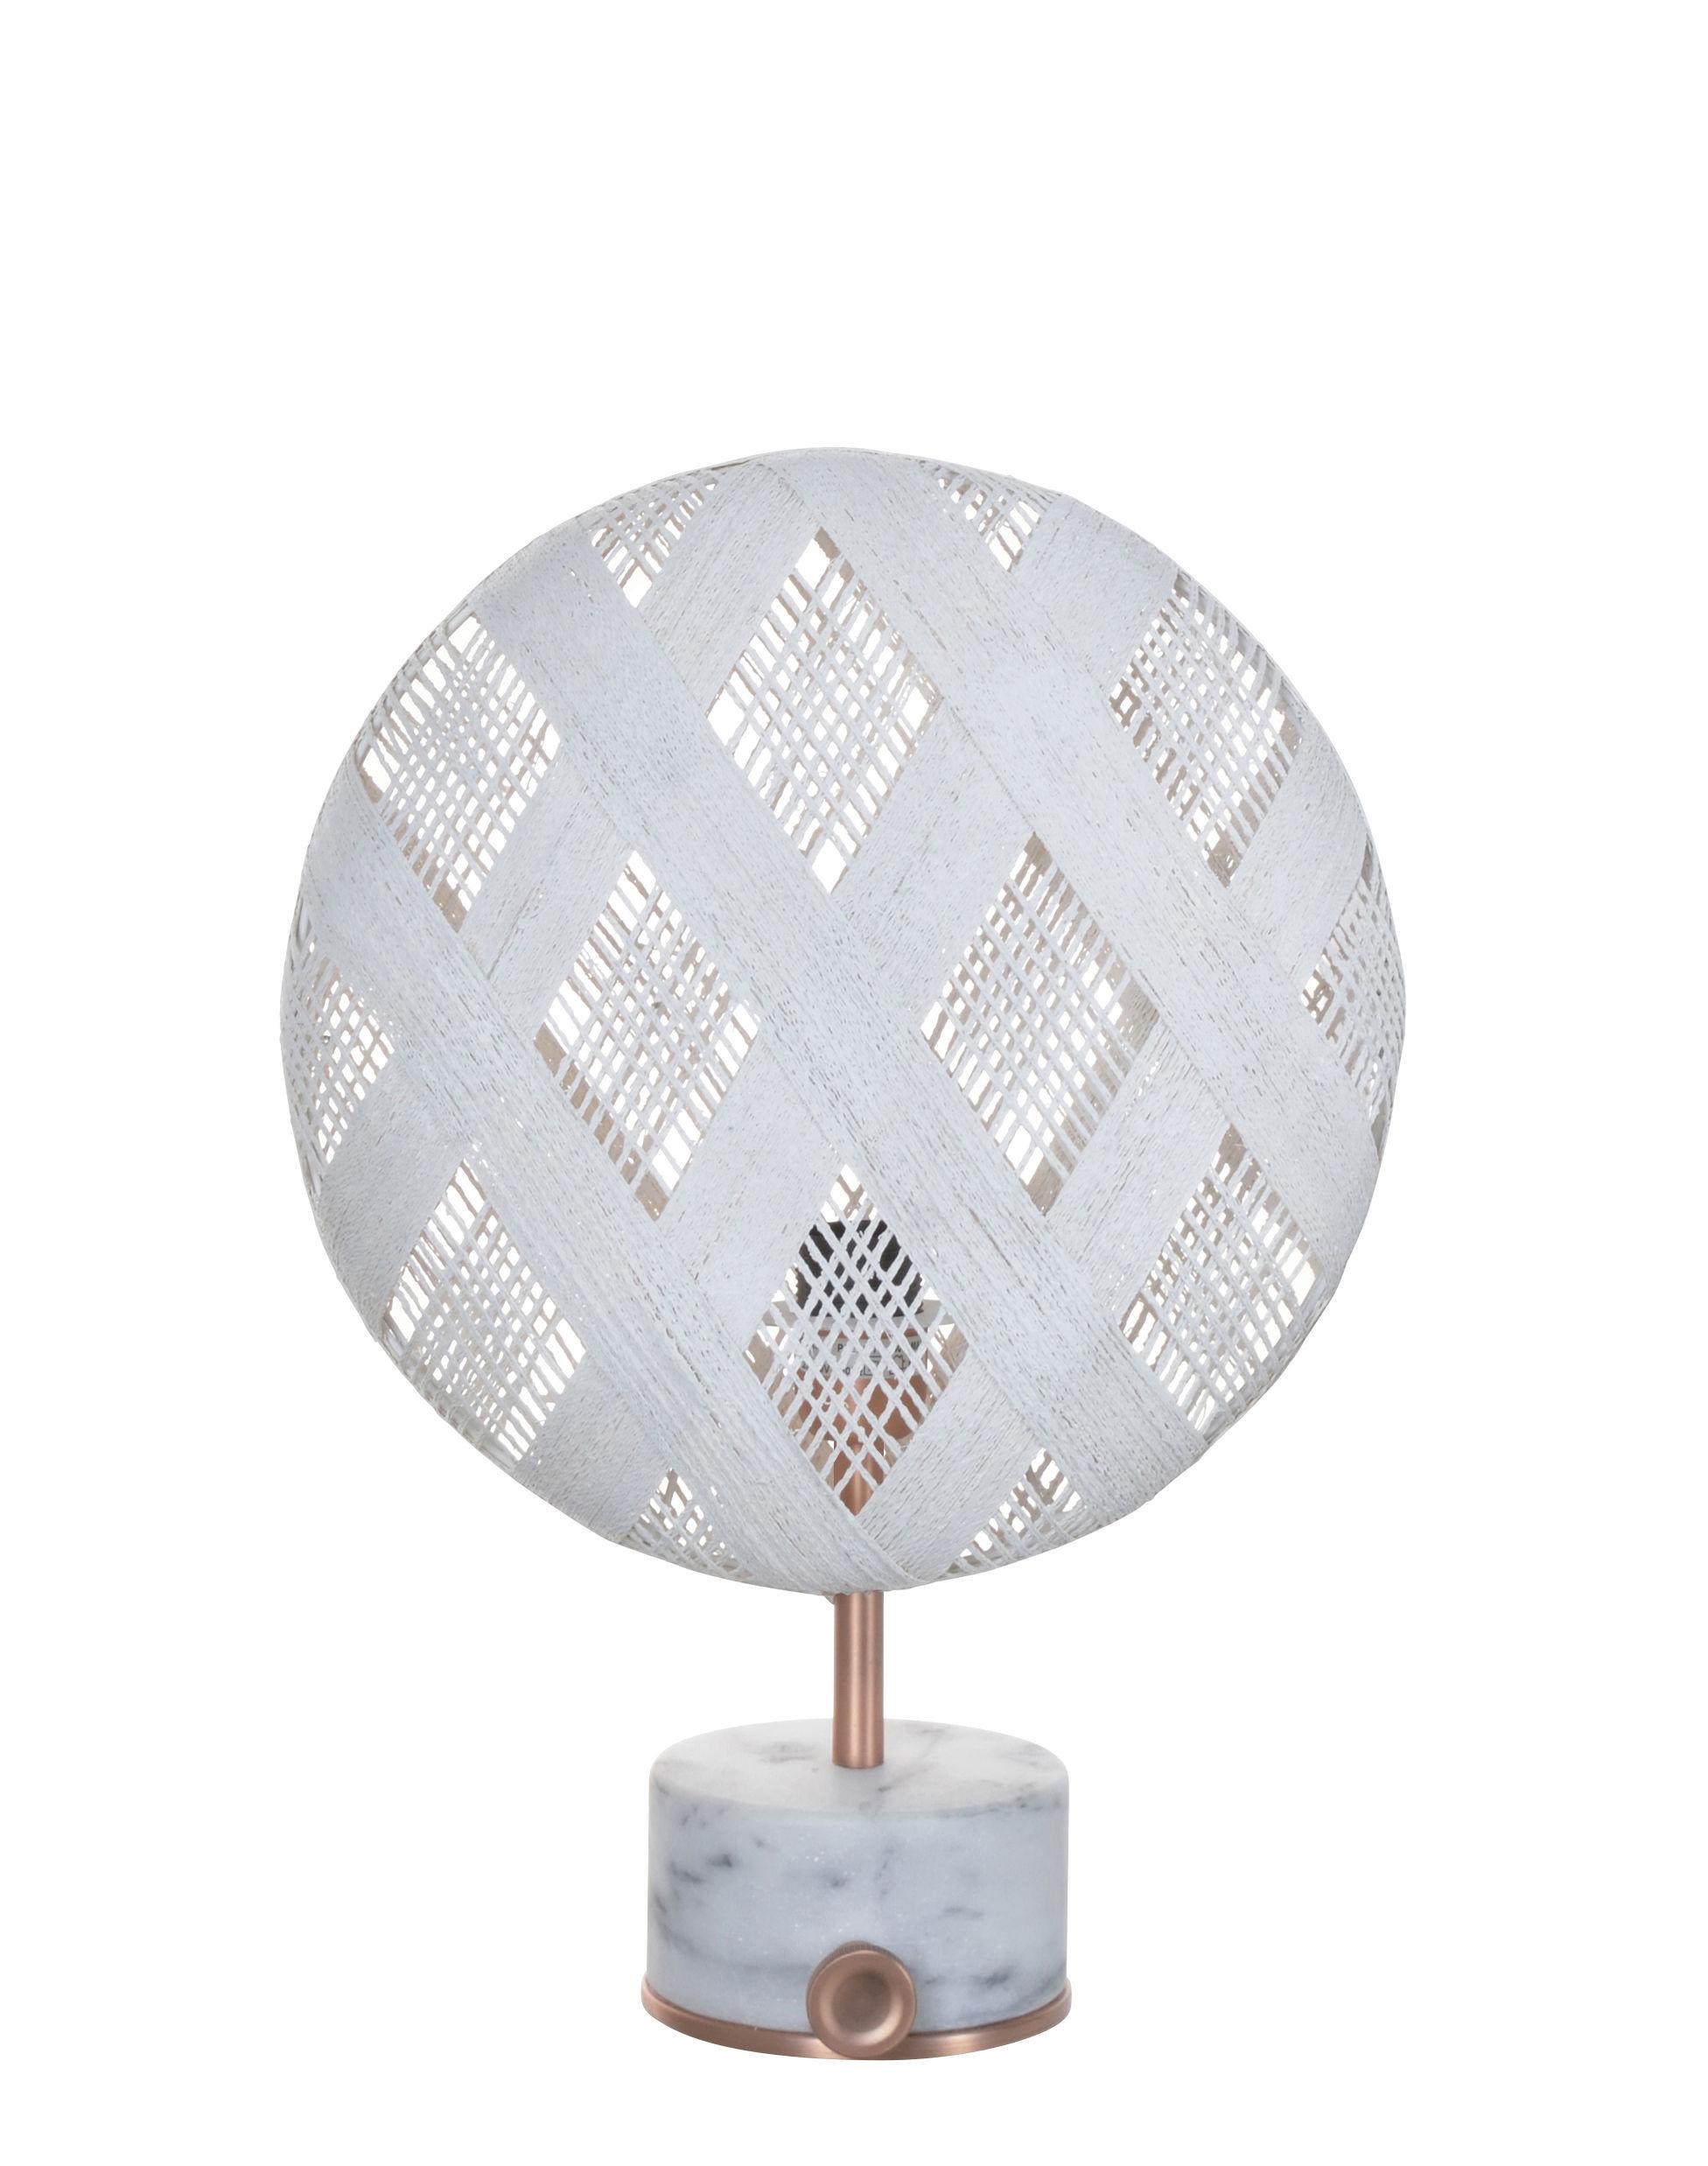 Illuminazione - Lampade da tavolo - Lampada da tavolo Chanpen Diamond - / Ø  26 cm - Motivi losanghe di Forestier - Bianco / Rame - Marmo, Metallo, Tessuto in abaca